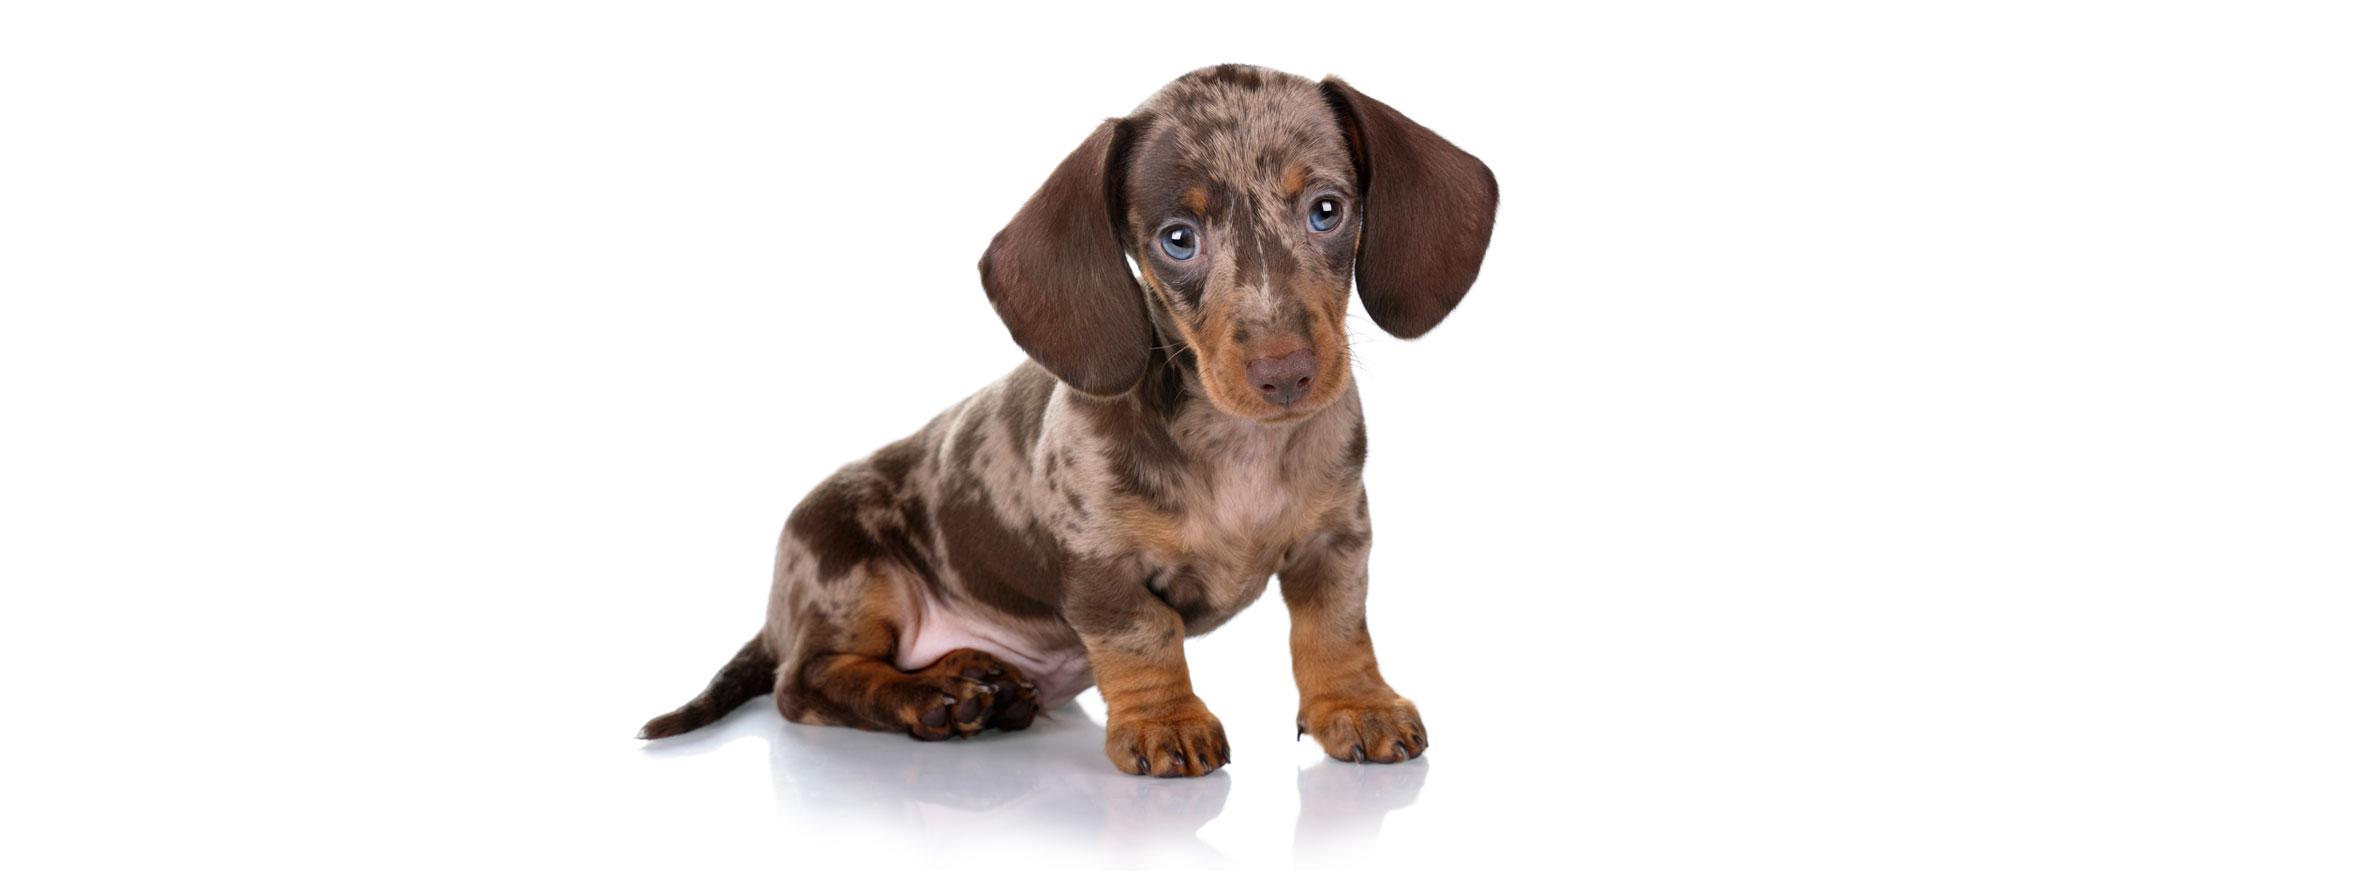 Dachshund puppy finder